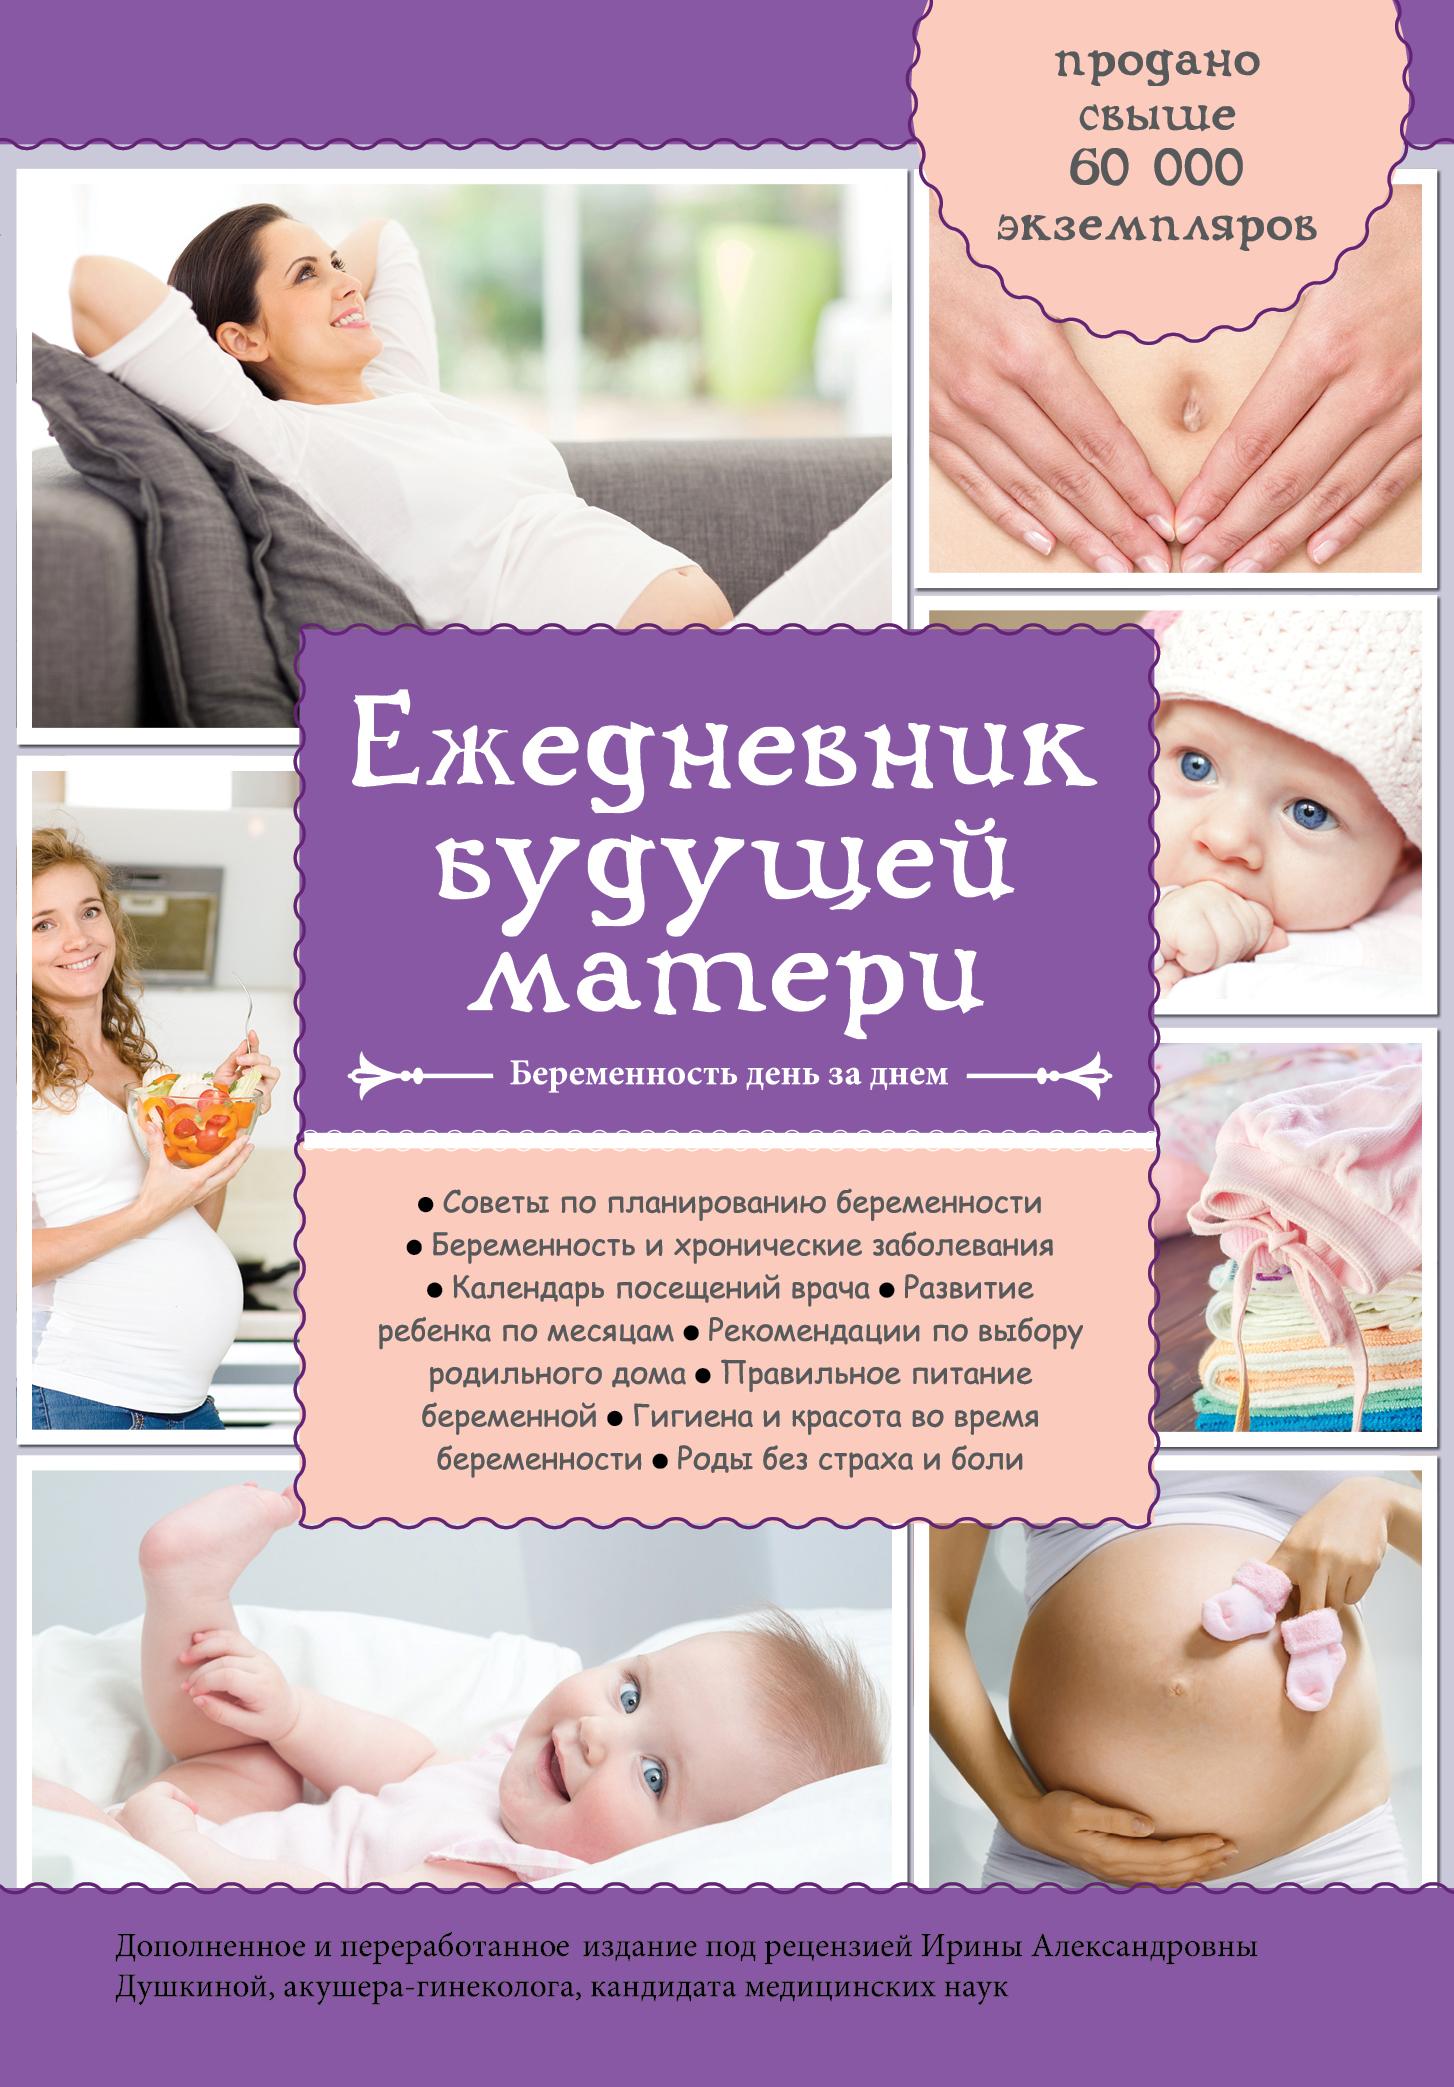 Ежедневник будущей матери. Беременность день за днем (дополненный)